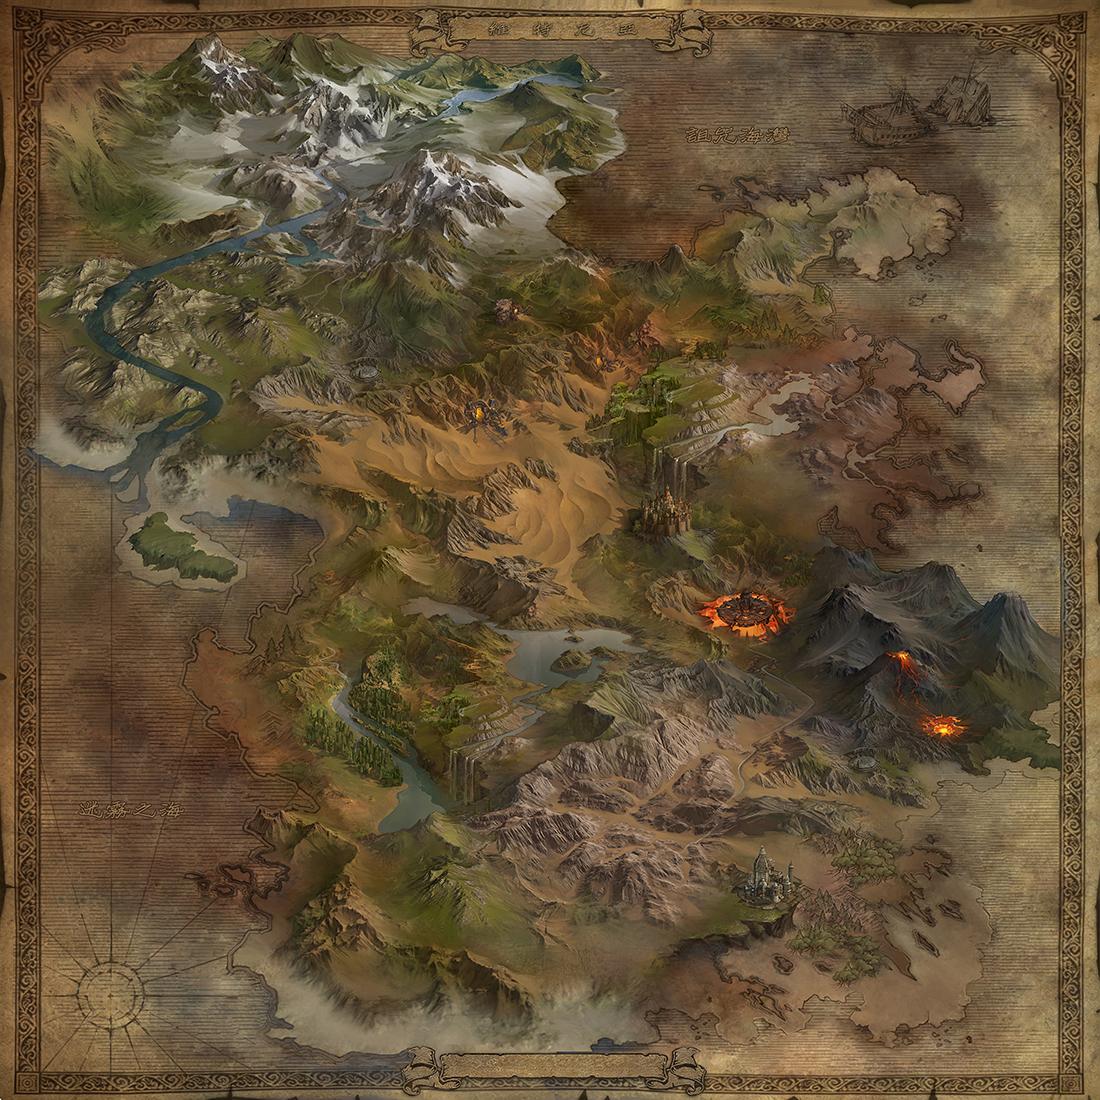 地图|ui|游戏ui|chao1912 - 原创作品 - 站酷 (zcool)